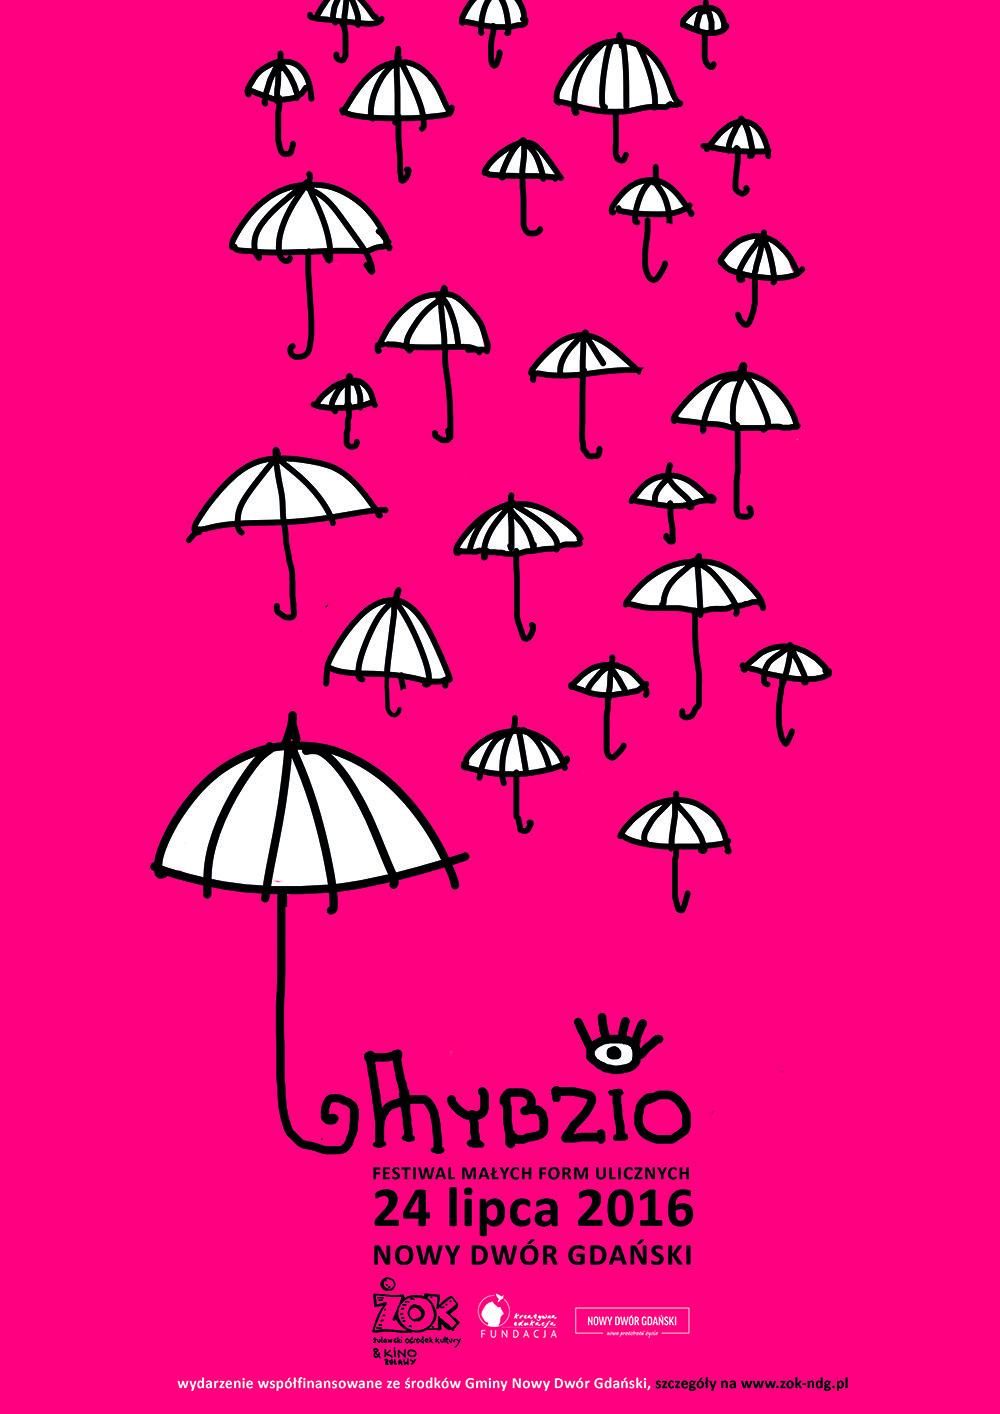 Festiwal Form Ulicznych Hybzio 2016